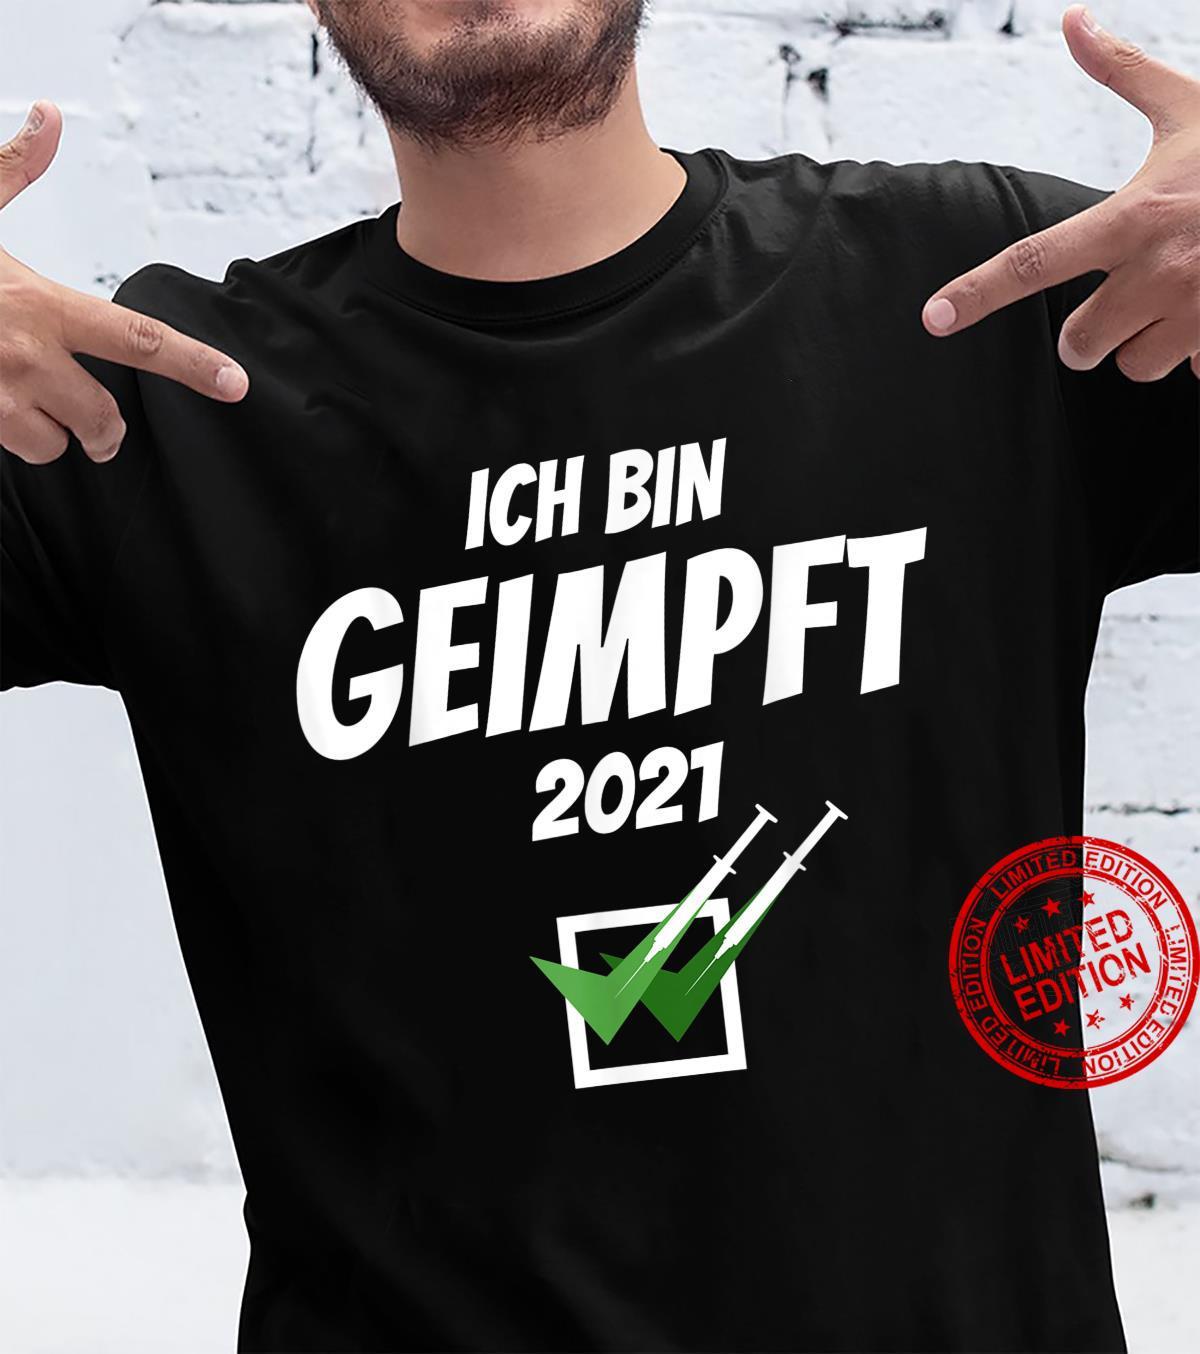 Ich Bin Geimpft 2021 Pro Vaccination Vaccination Impf Shirt